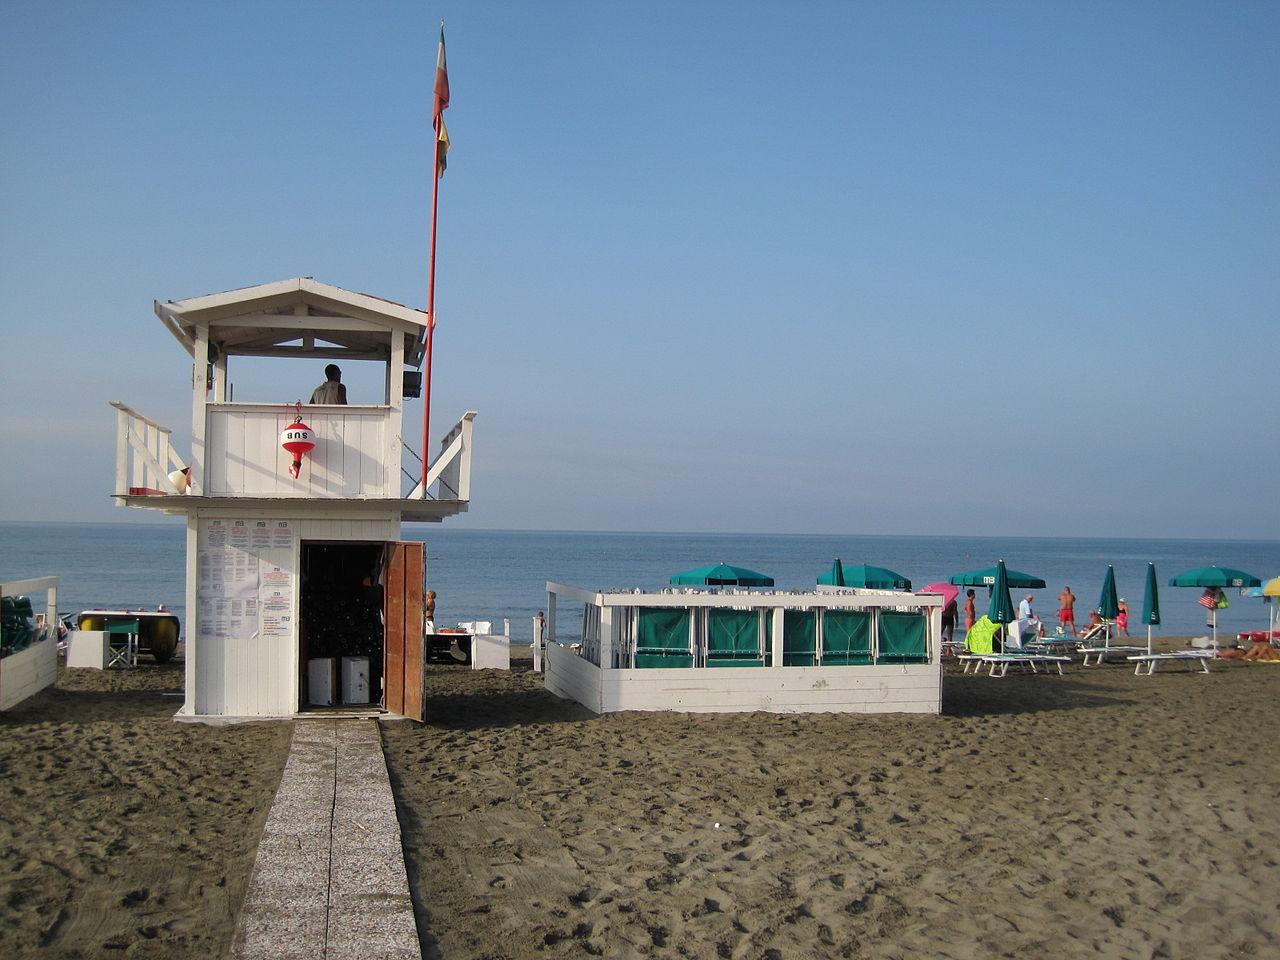 Пляж Остии, спасательная вышка